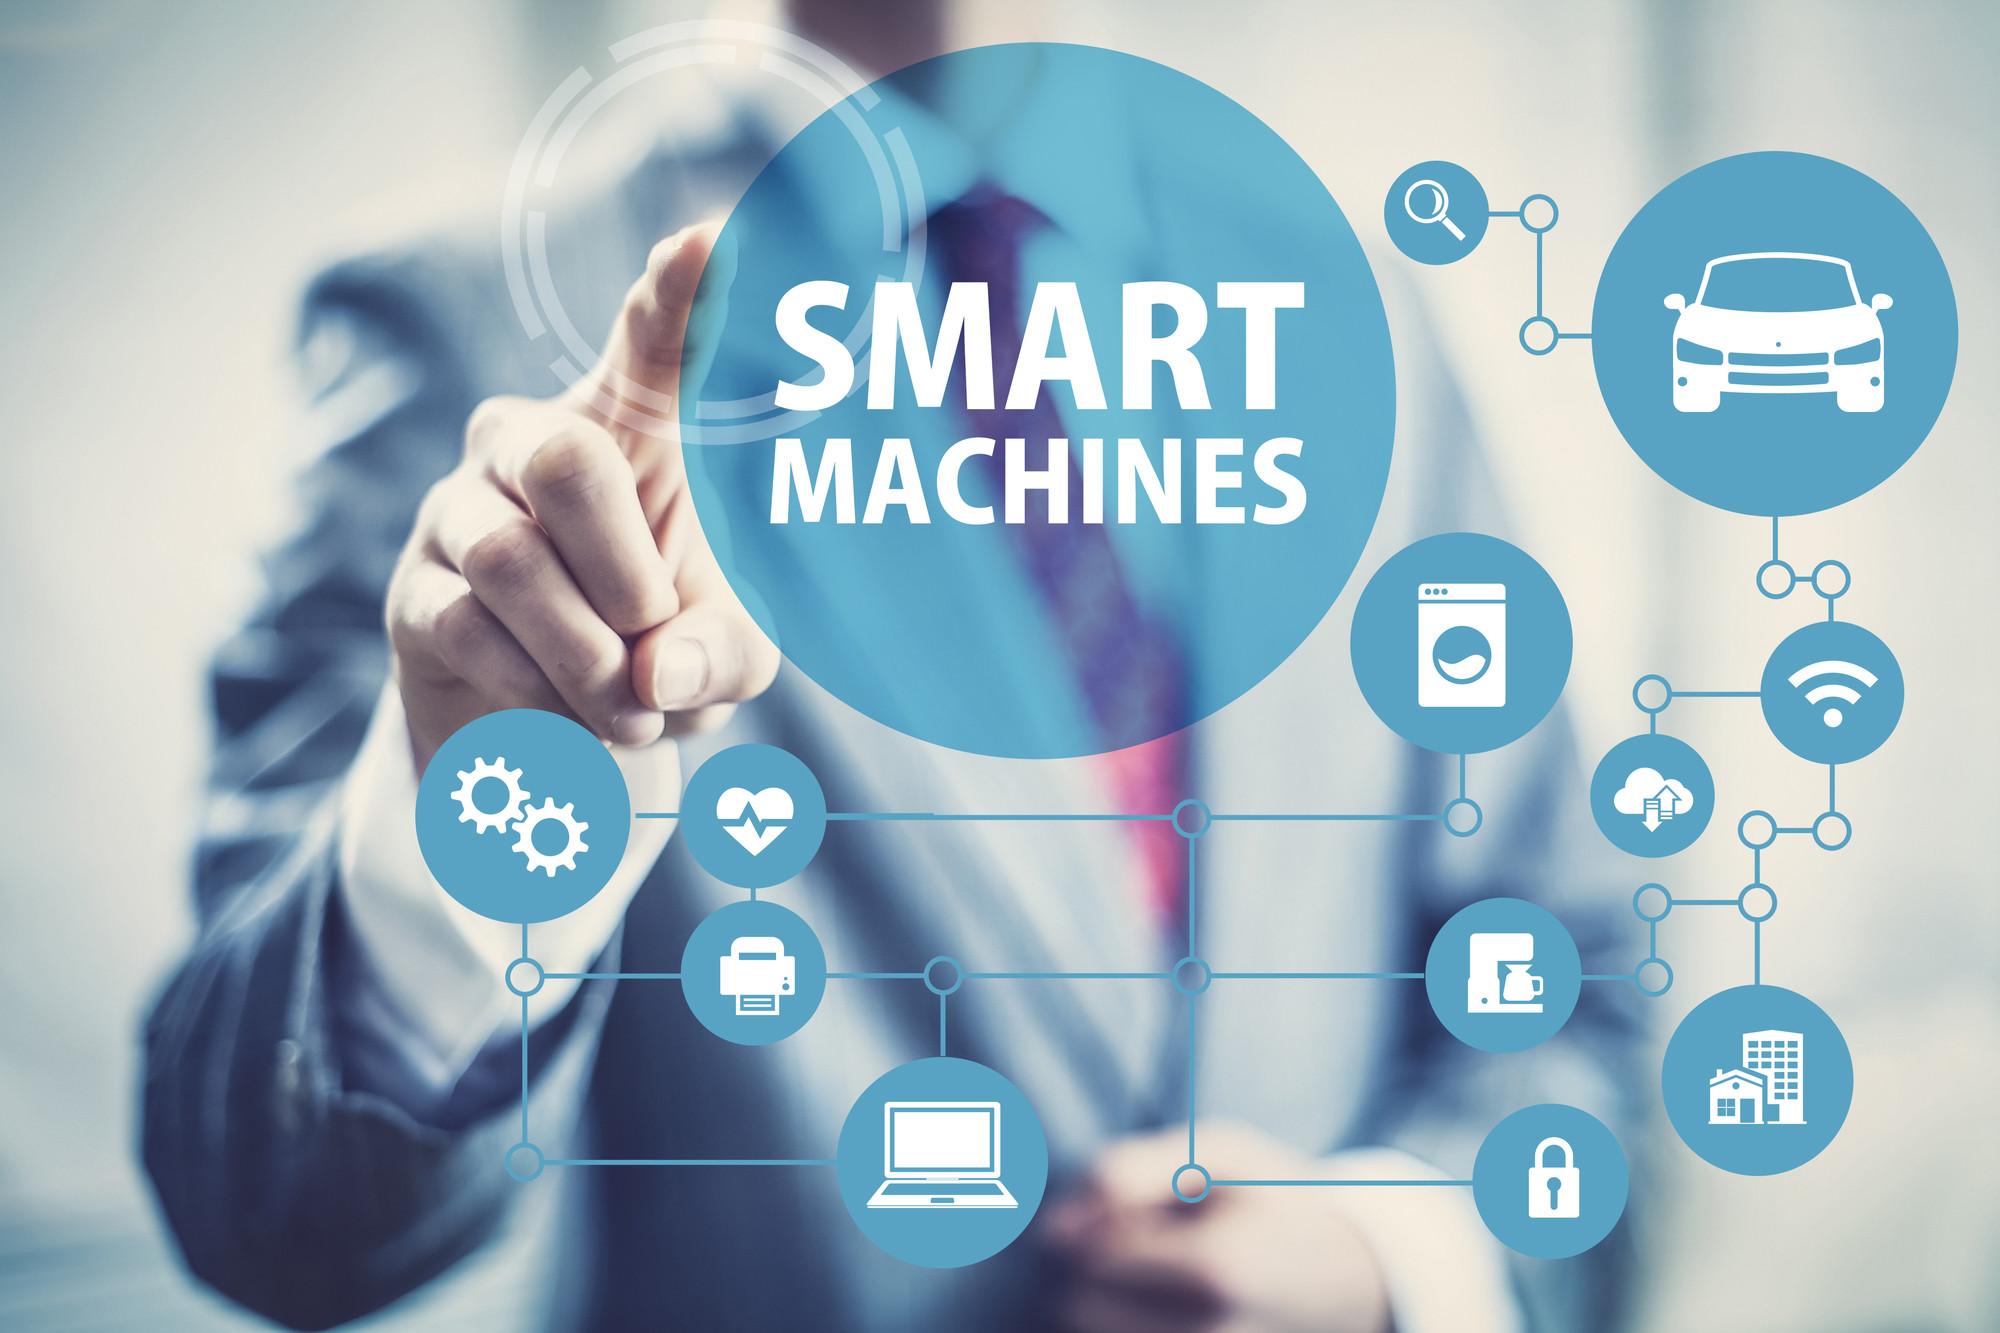 Smart machines use Intelligent Technology